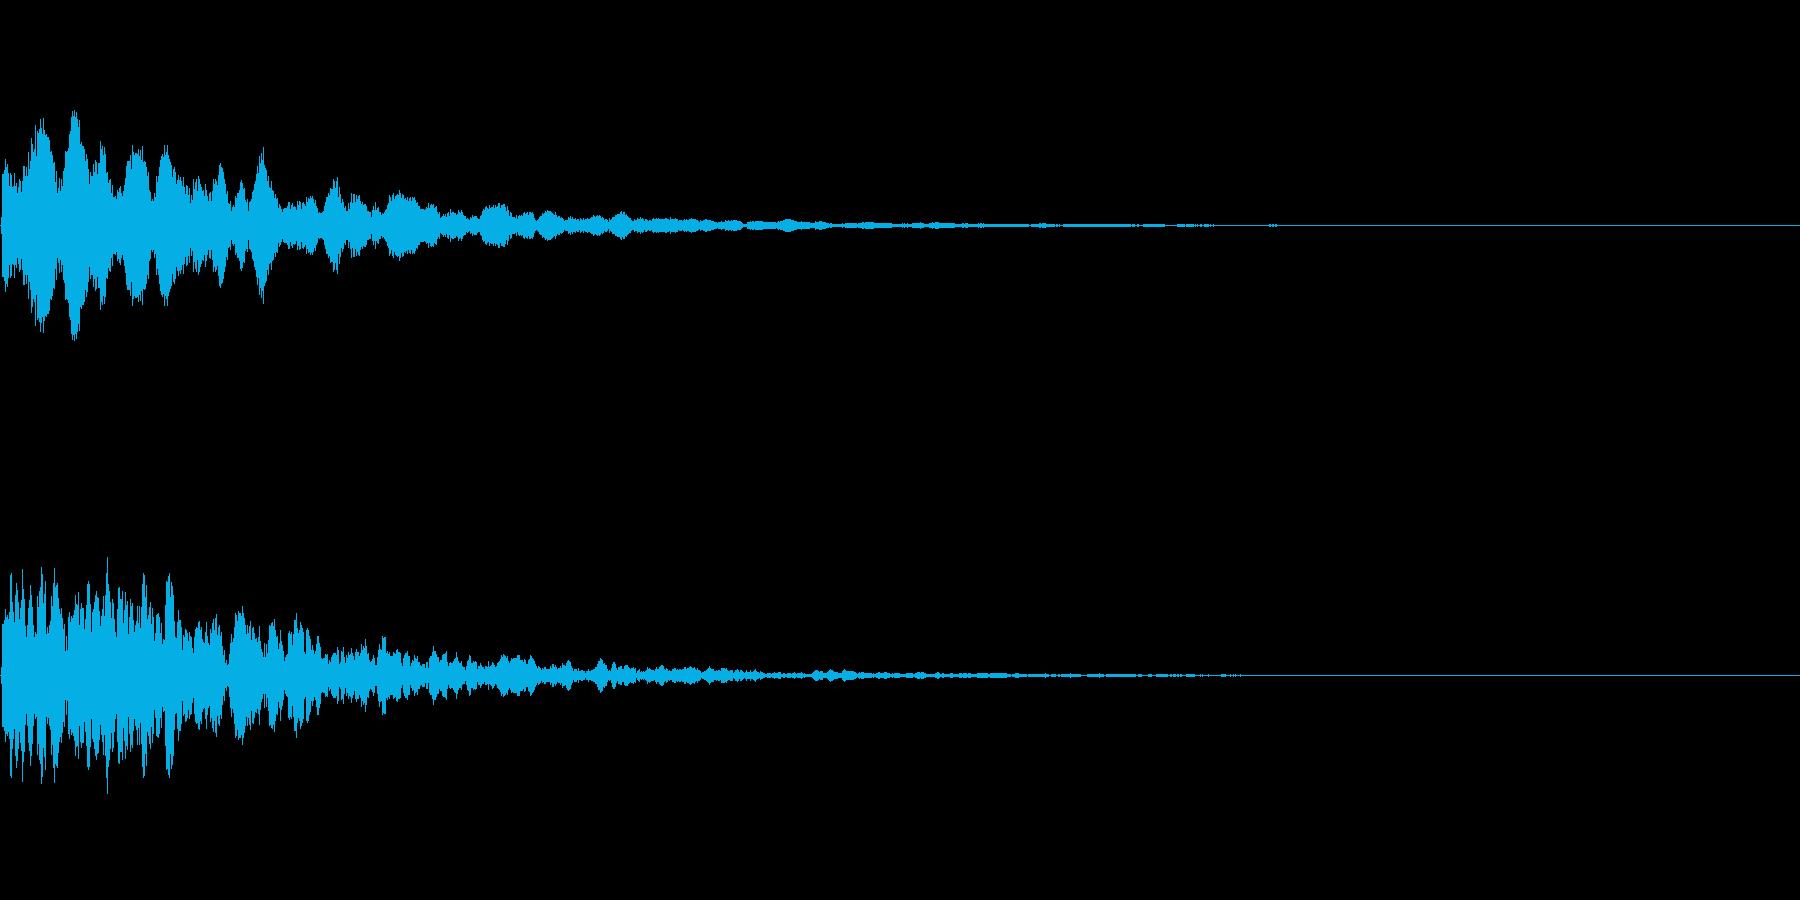 【SE 効果音】ぽわーんの再生済みの波形